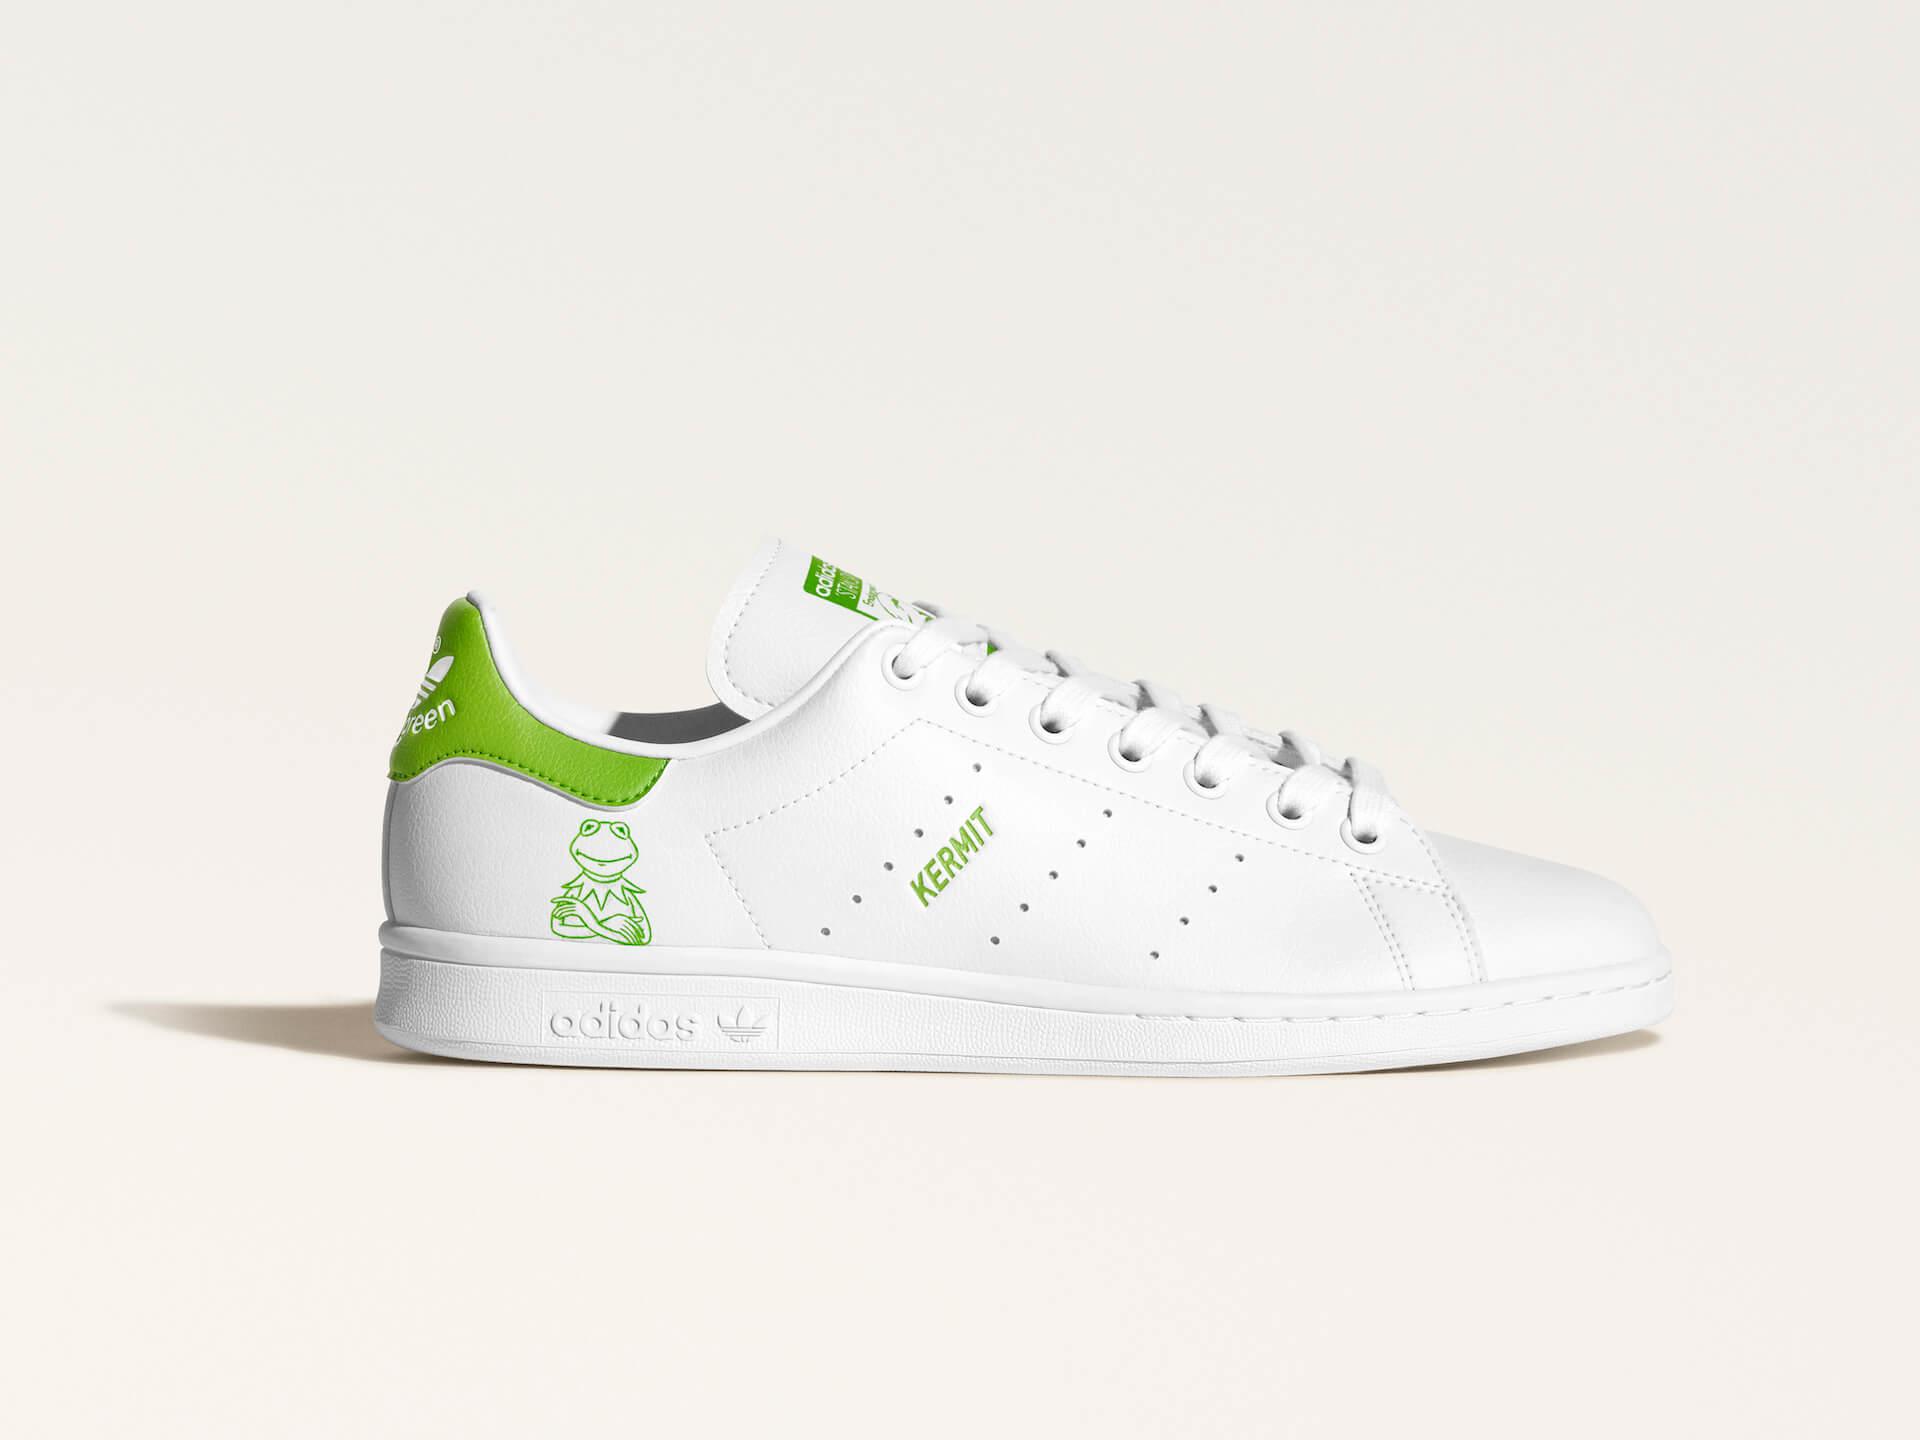 adidas「スタンスミス」のサステナブルコレクションに『モンスターズ・インク』マイク・ワゾウスキやマーベル・ハルクを配したモデルが登場! life210323_adidas_stansmith_2